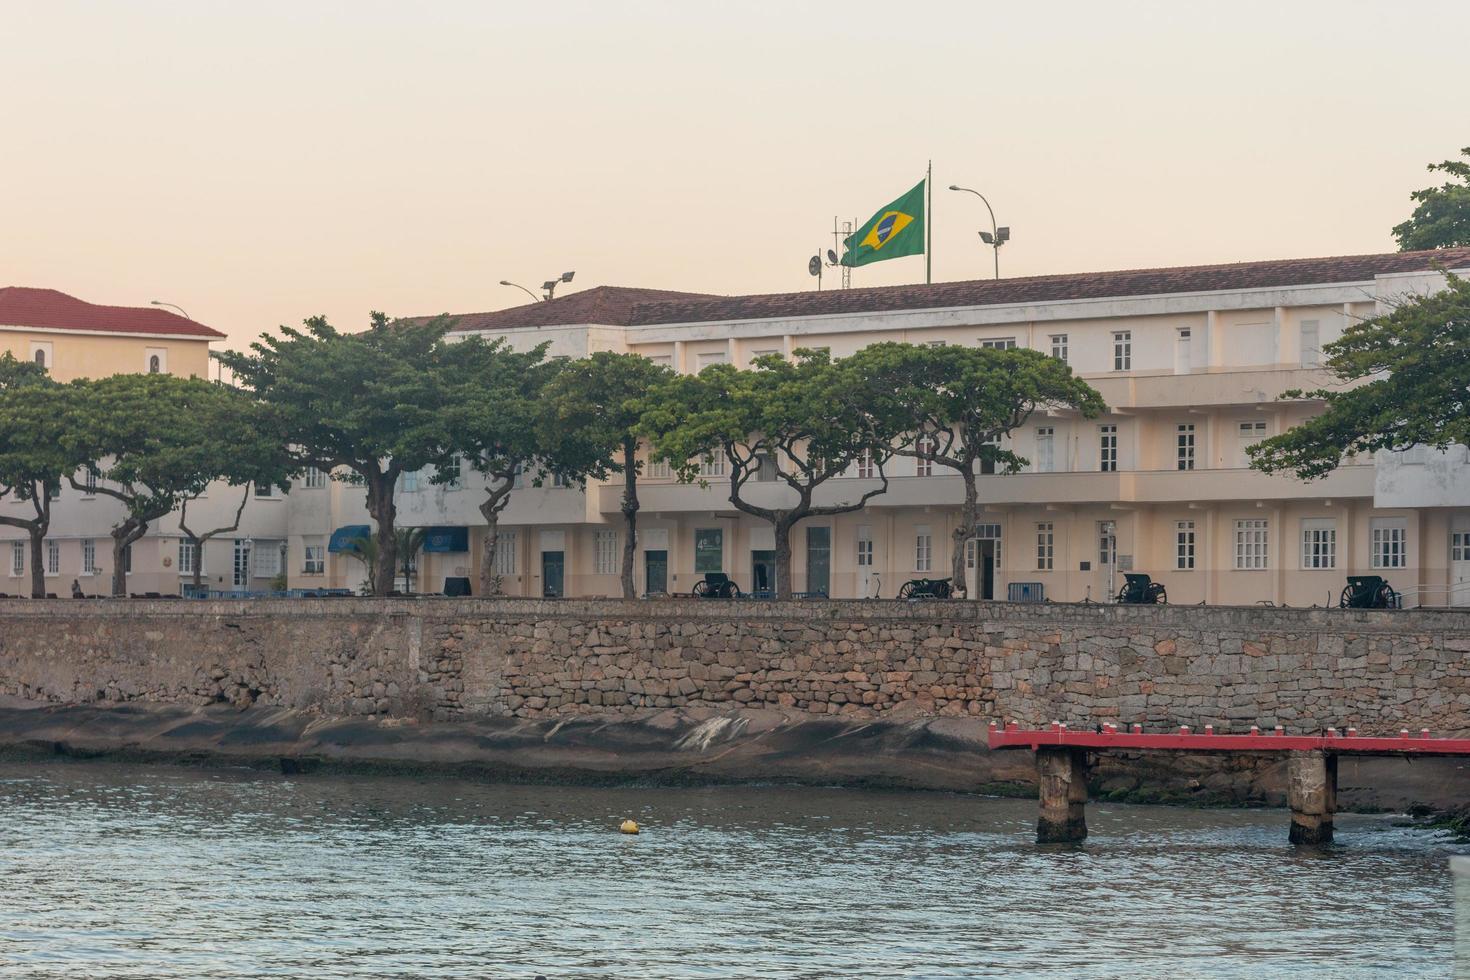 rio de janeiro, brazilië, 2015 - copacabana fort in rio de janeiro foto